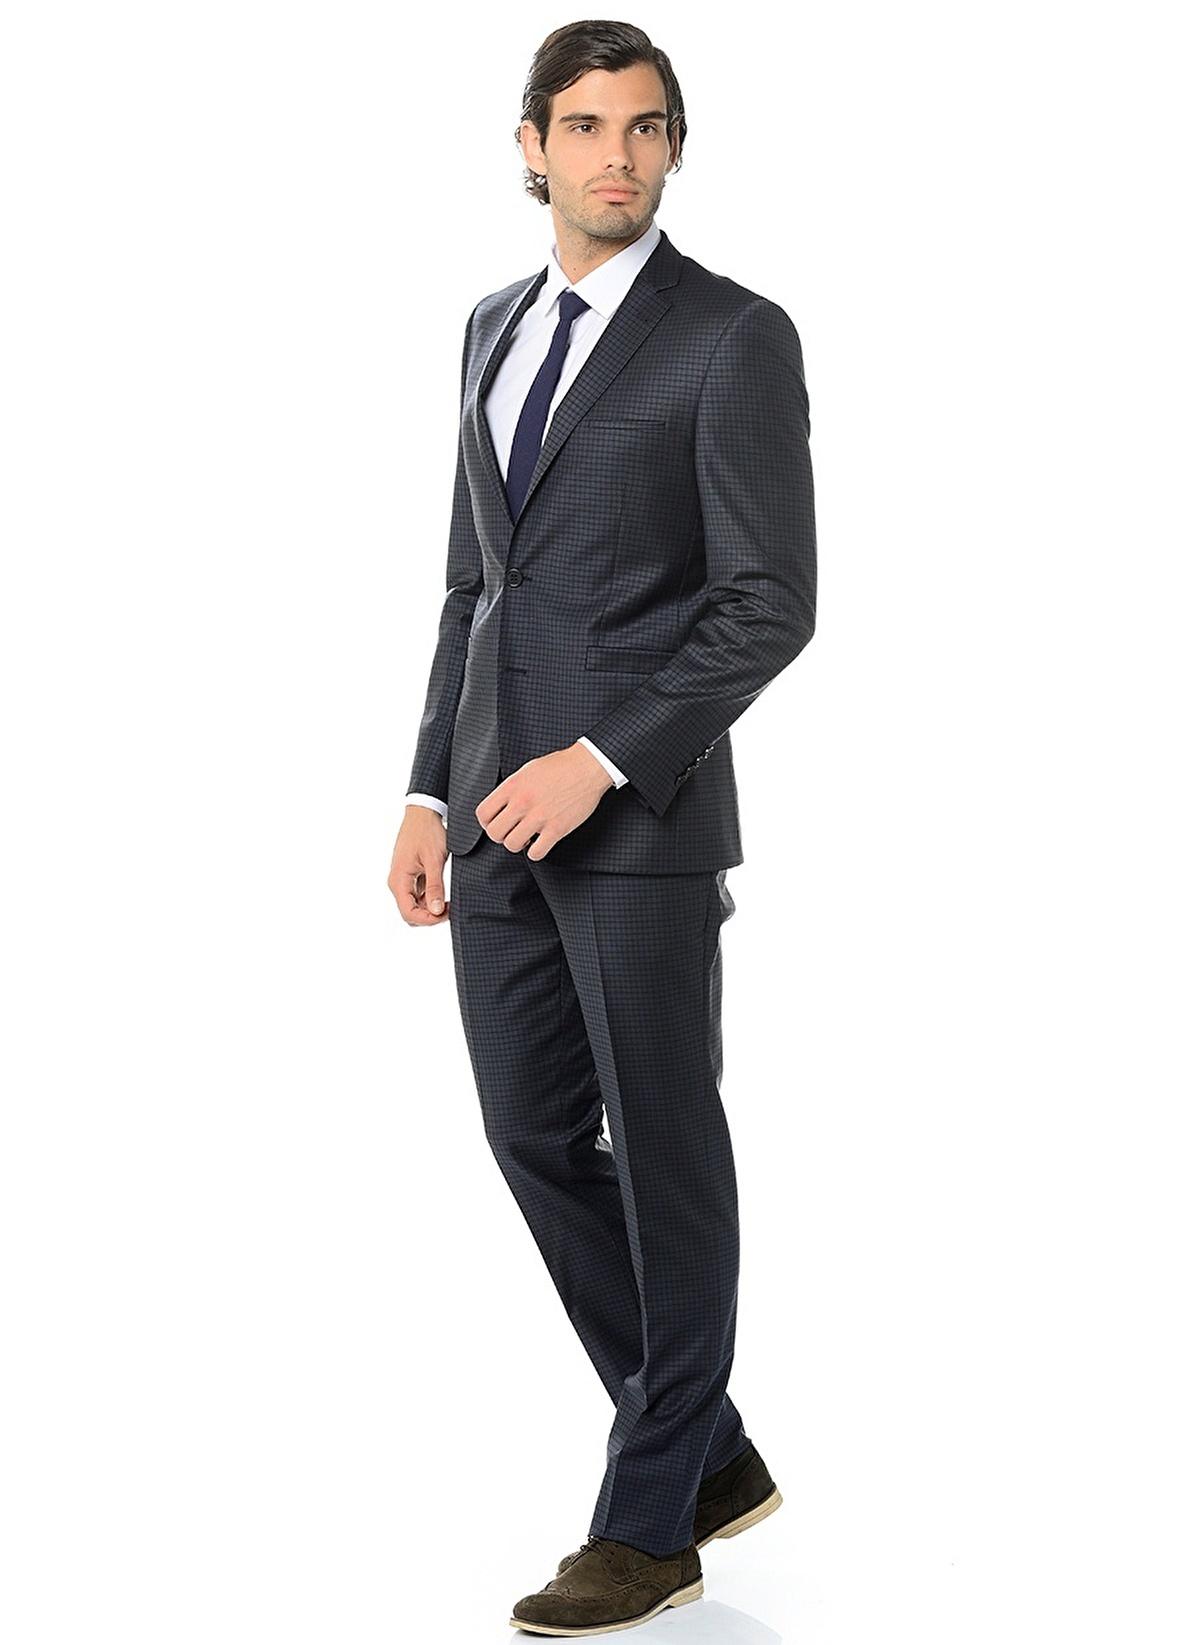 c611847b911f4 Altınyıldız Classics Erkek Takım Elbise Füme-Lacivert | Morhipo ...